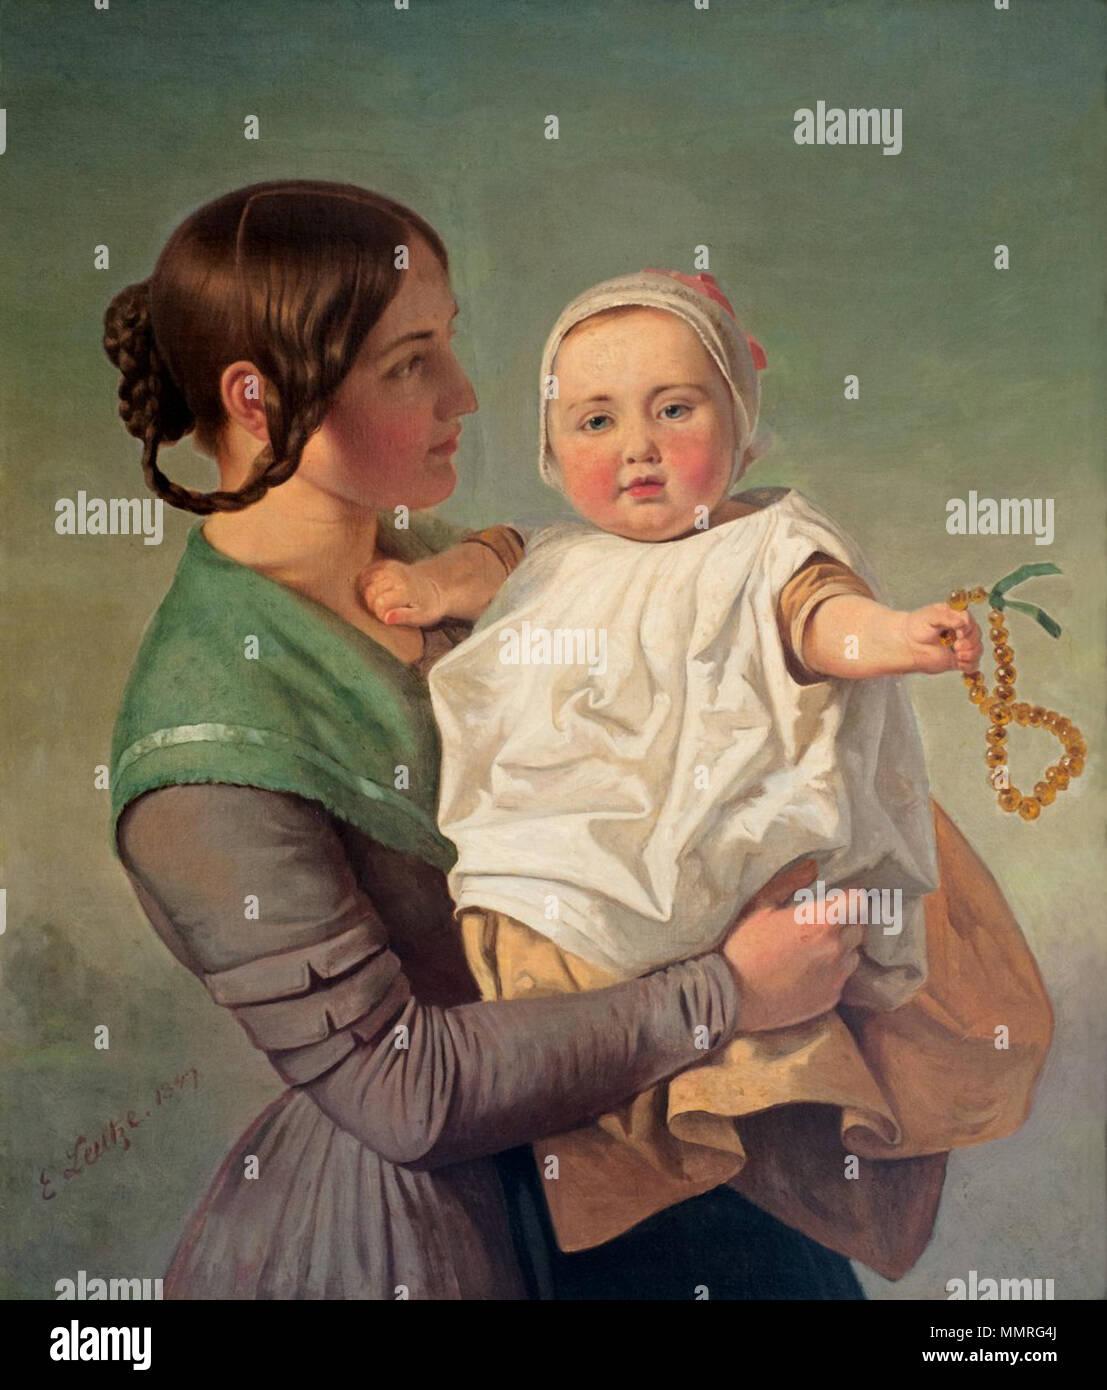 Die Bernsteinkette 1847 Emanuel Leutze 18161868 Alternative Gm Control Location Names Gottlieb Description German American Painter And Artist Date Of Birth Death 24 May 1816 18 July 1868 Gmnd